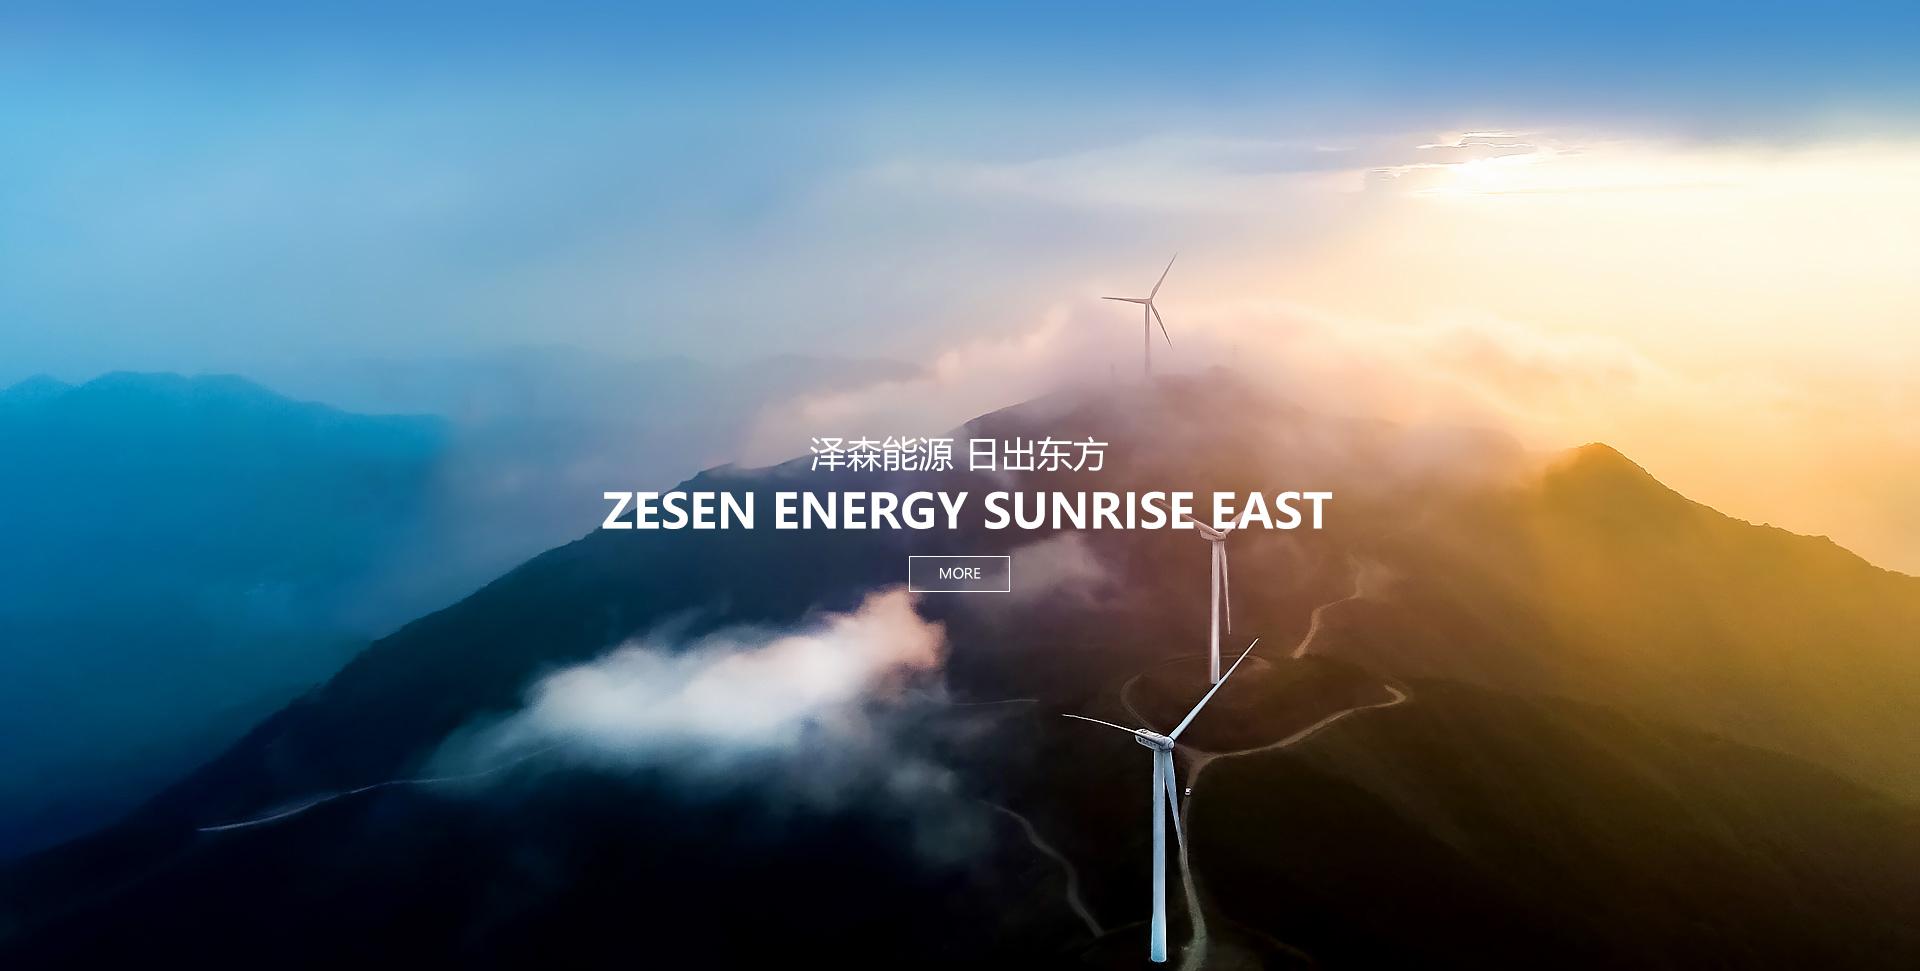 禾望ZSWP1500泽森新能源功率模块的简介